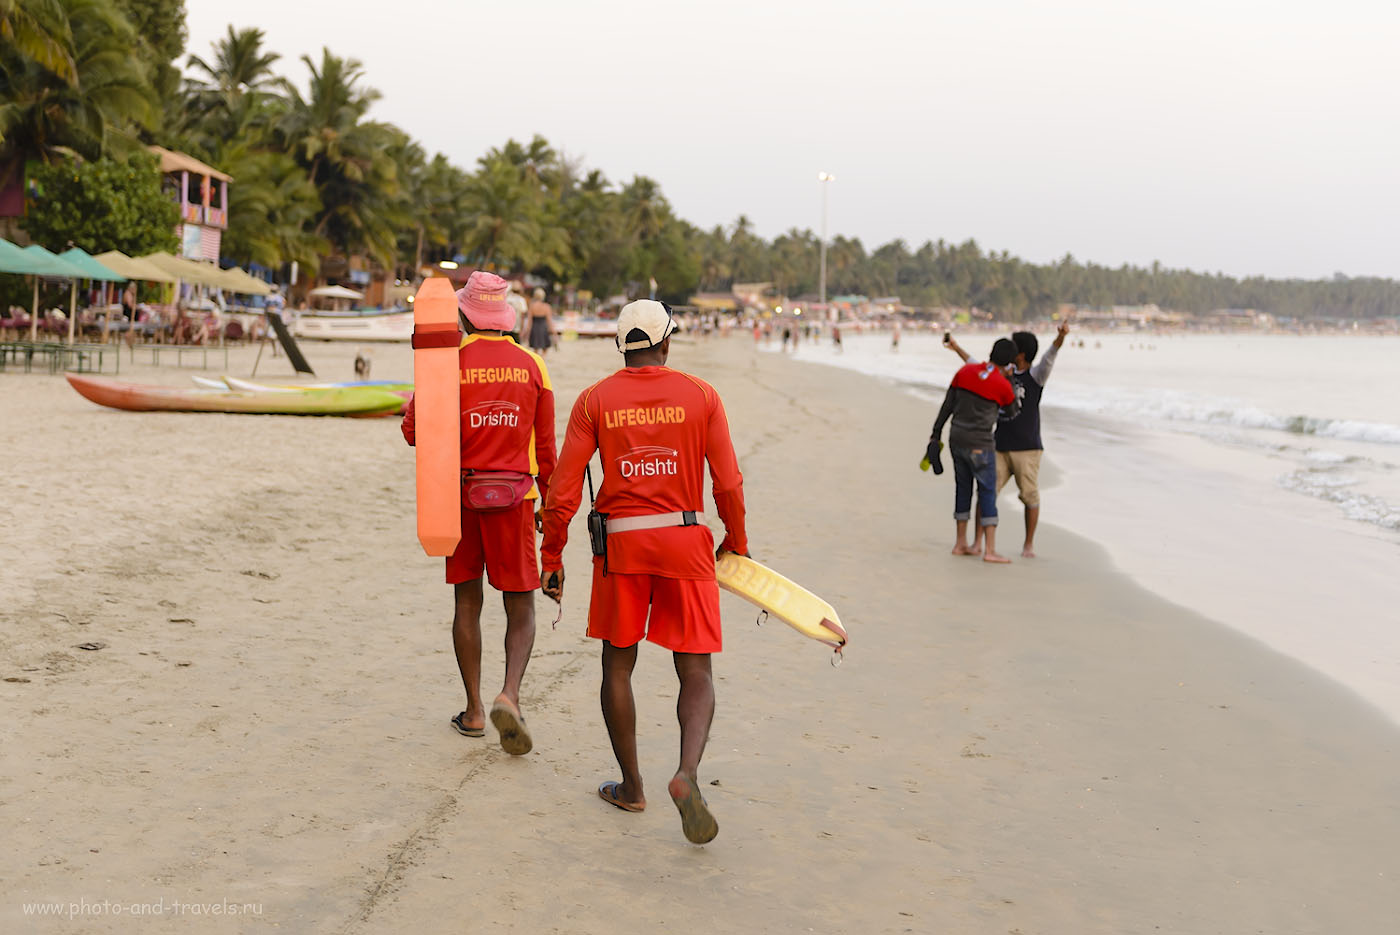 Фото 25. Спасатели на пляже Палолем отвечают за безопасность туристов во время пляжного отдыха. 1/100, +0.33, 2.8, 400, 52.